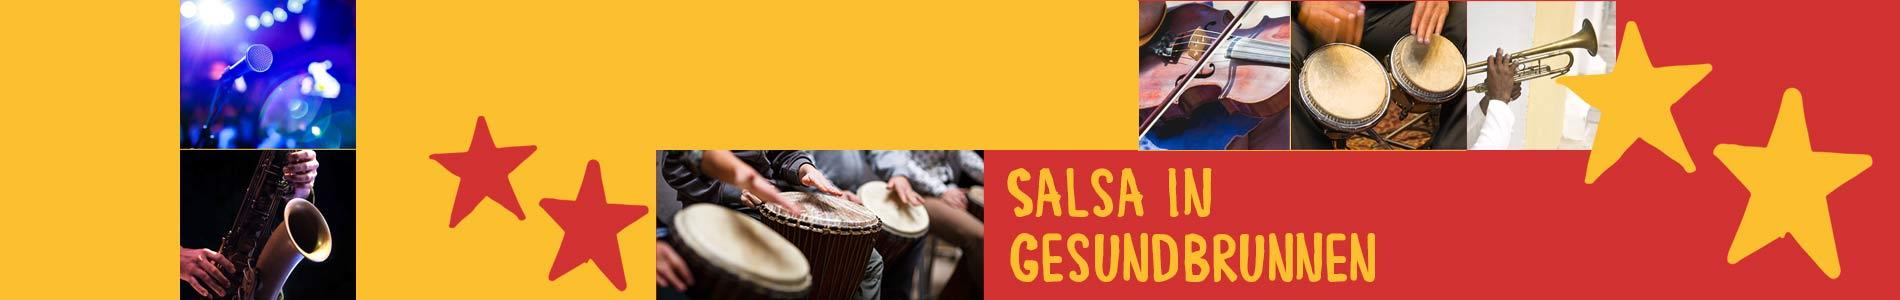 Salsa in Gesundbrunnen – Salsa lernen und tanzen, Tanzkurse, Partys, Veranstaltungen